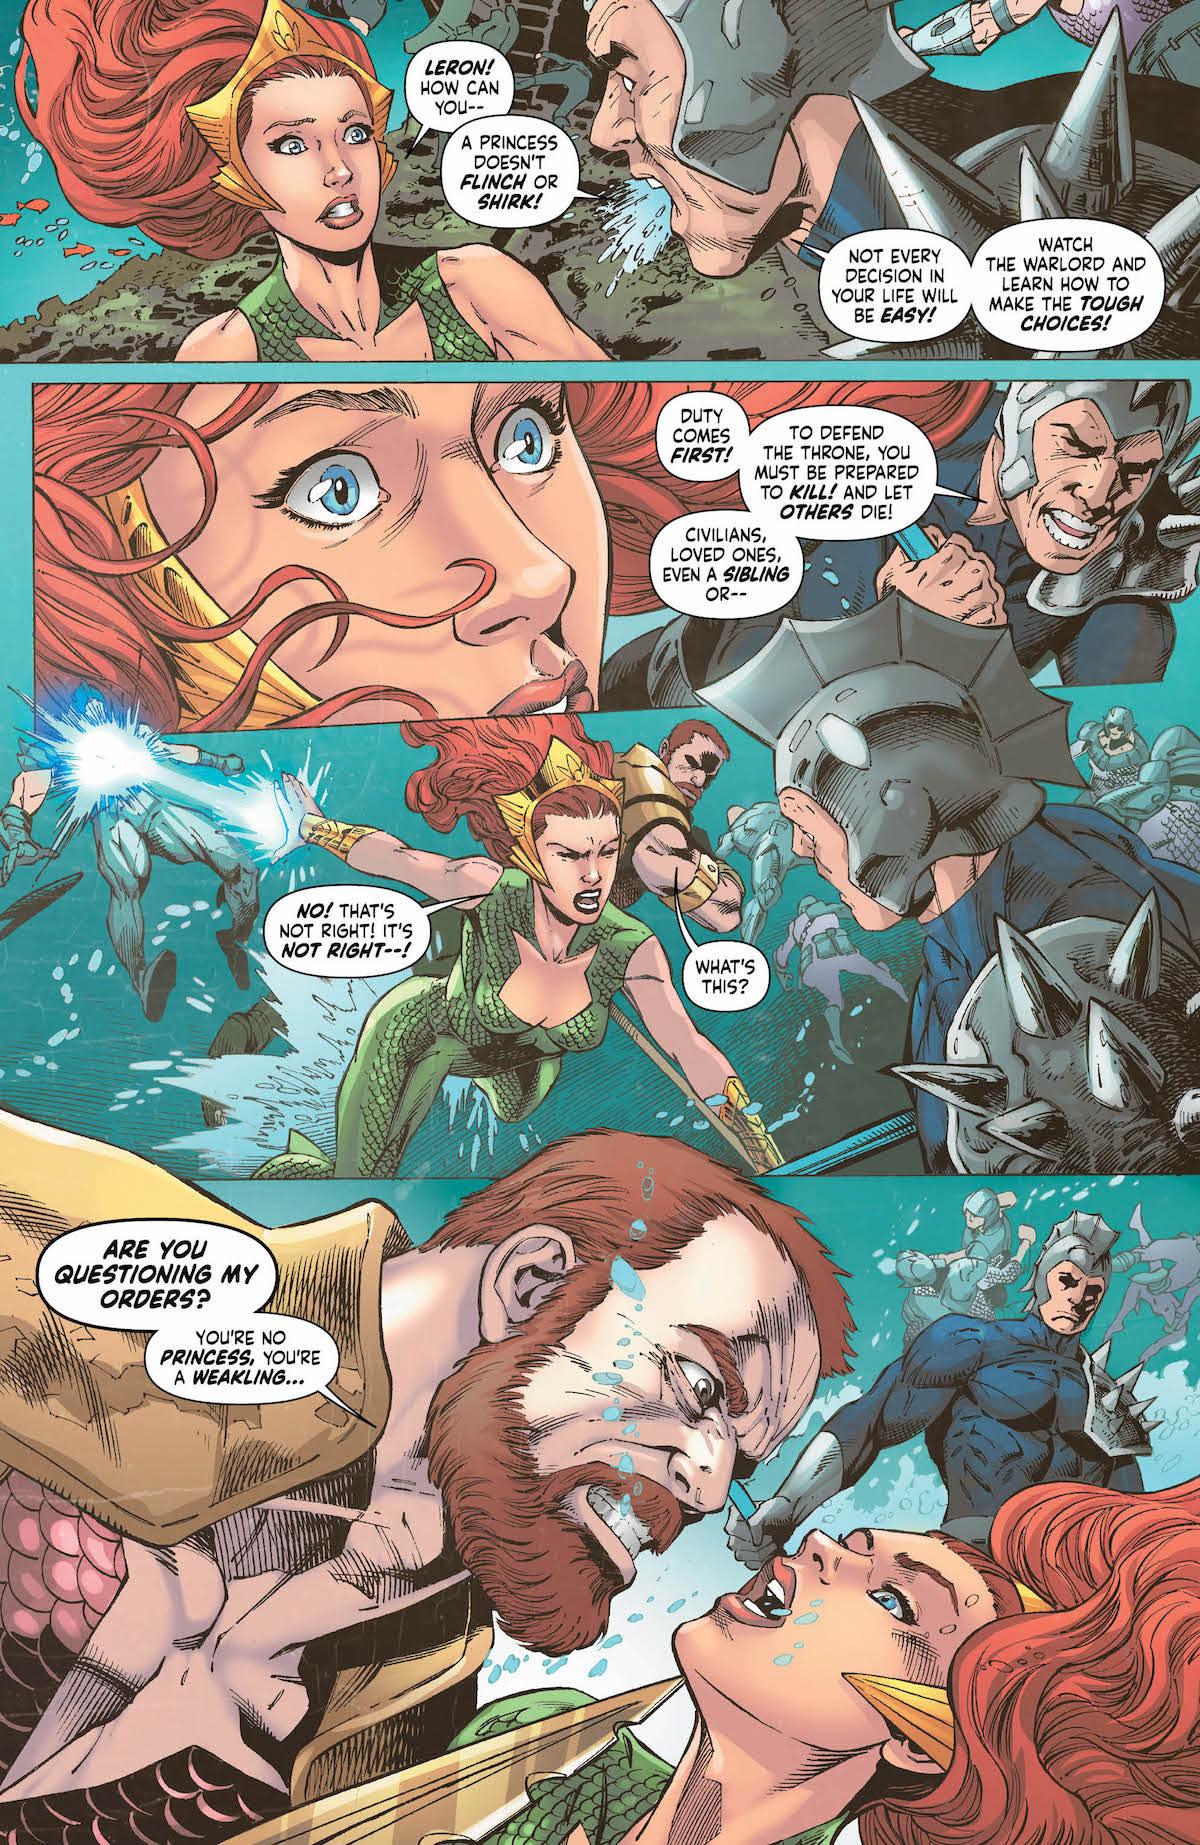 Mera Queen of Atlantis #3 page 3